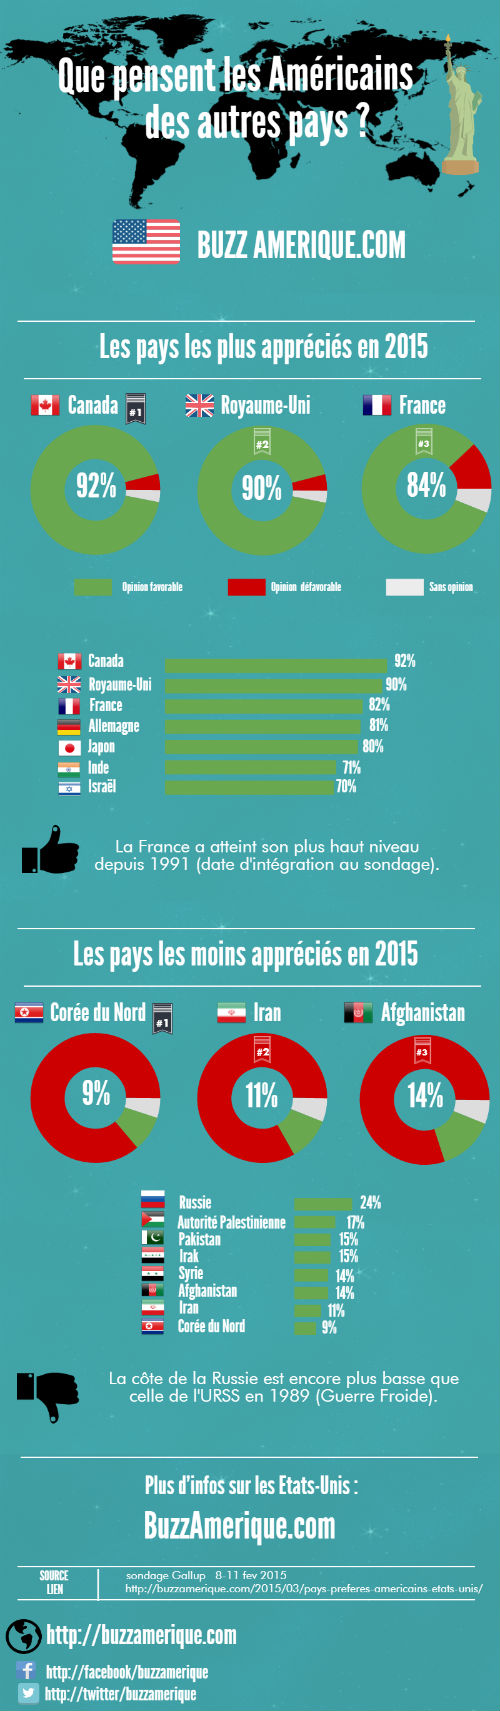 Infographie : l'opinion des américains sur les autres pays